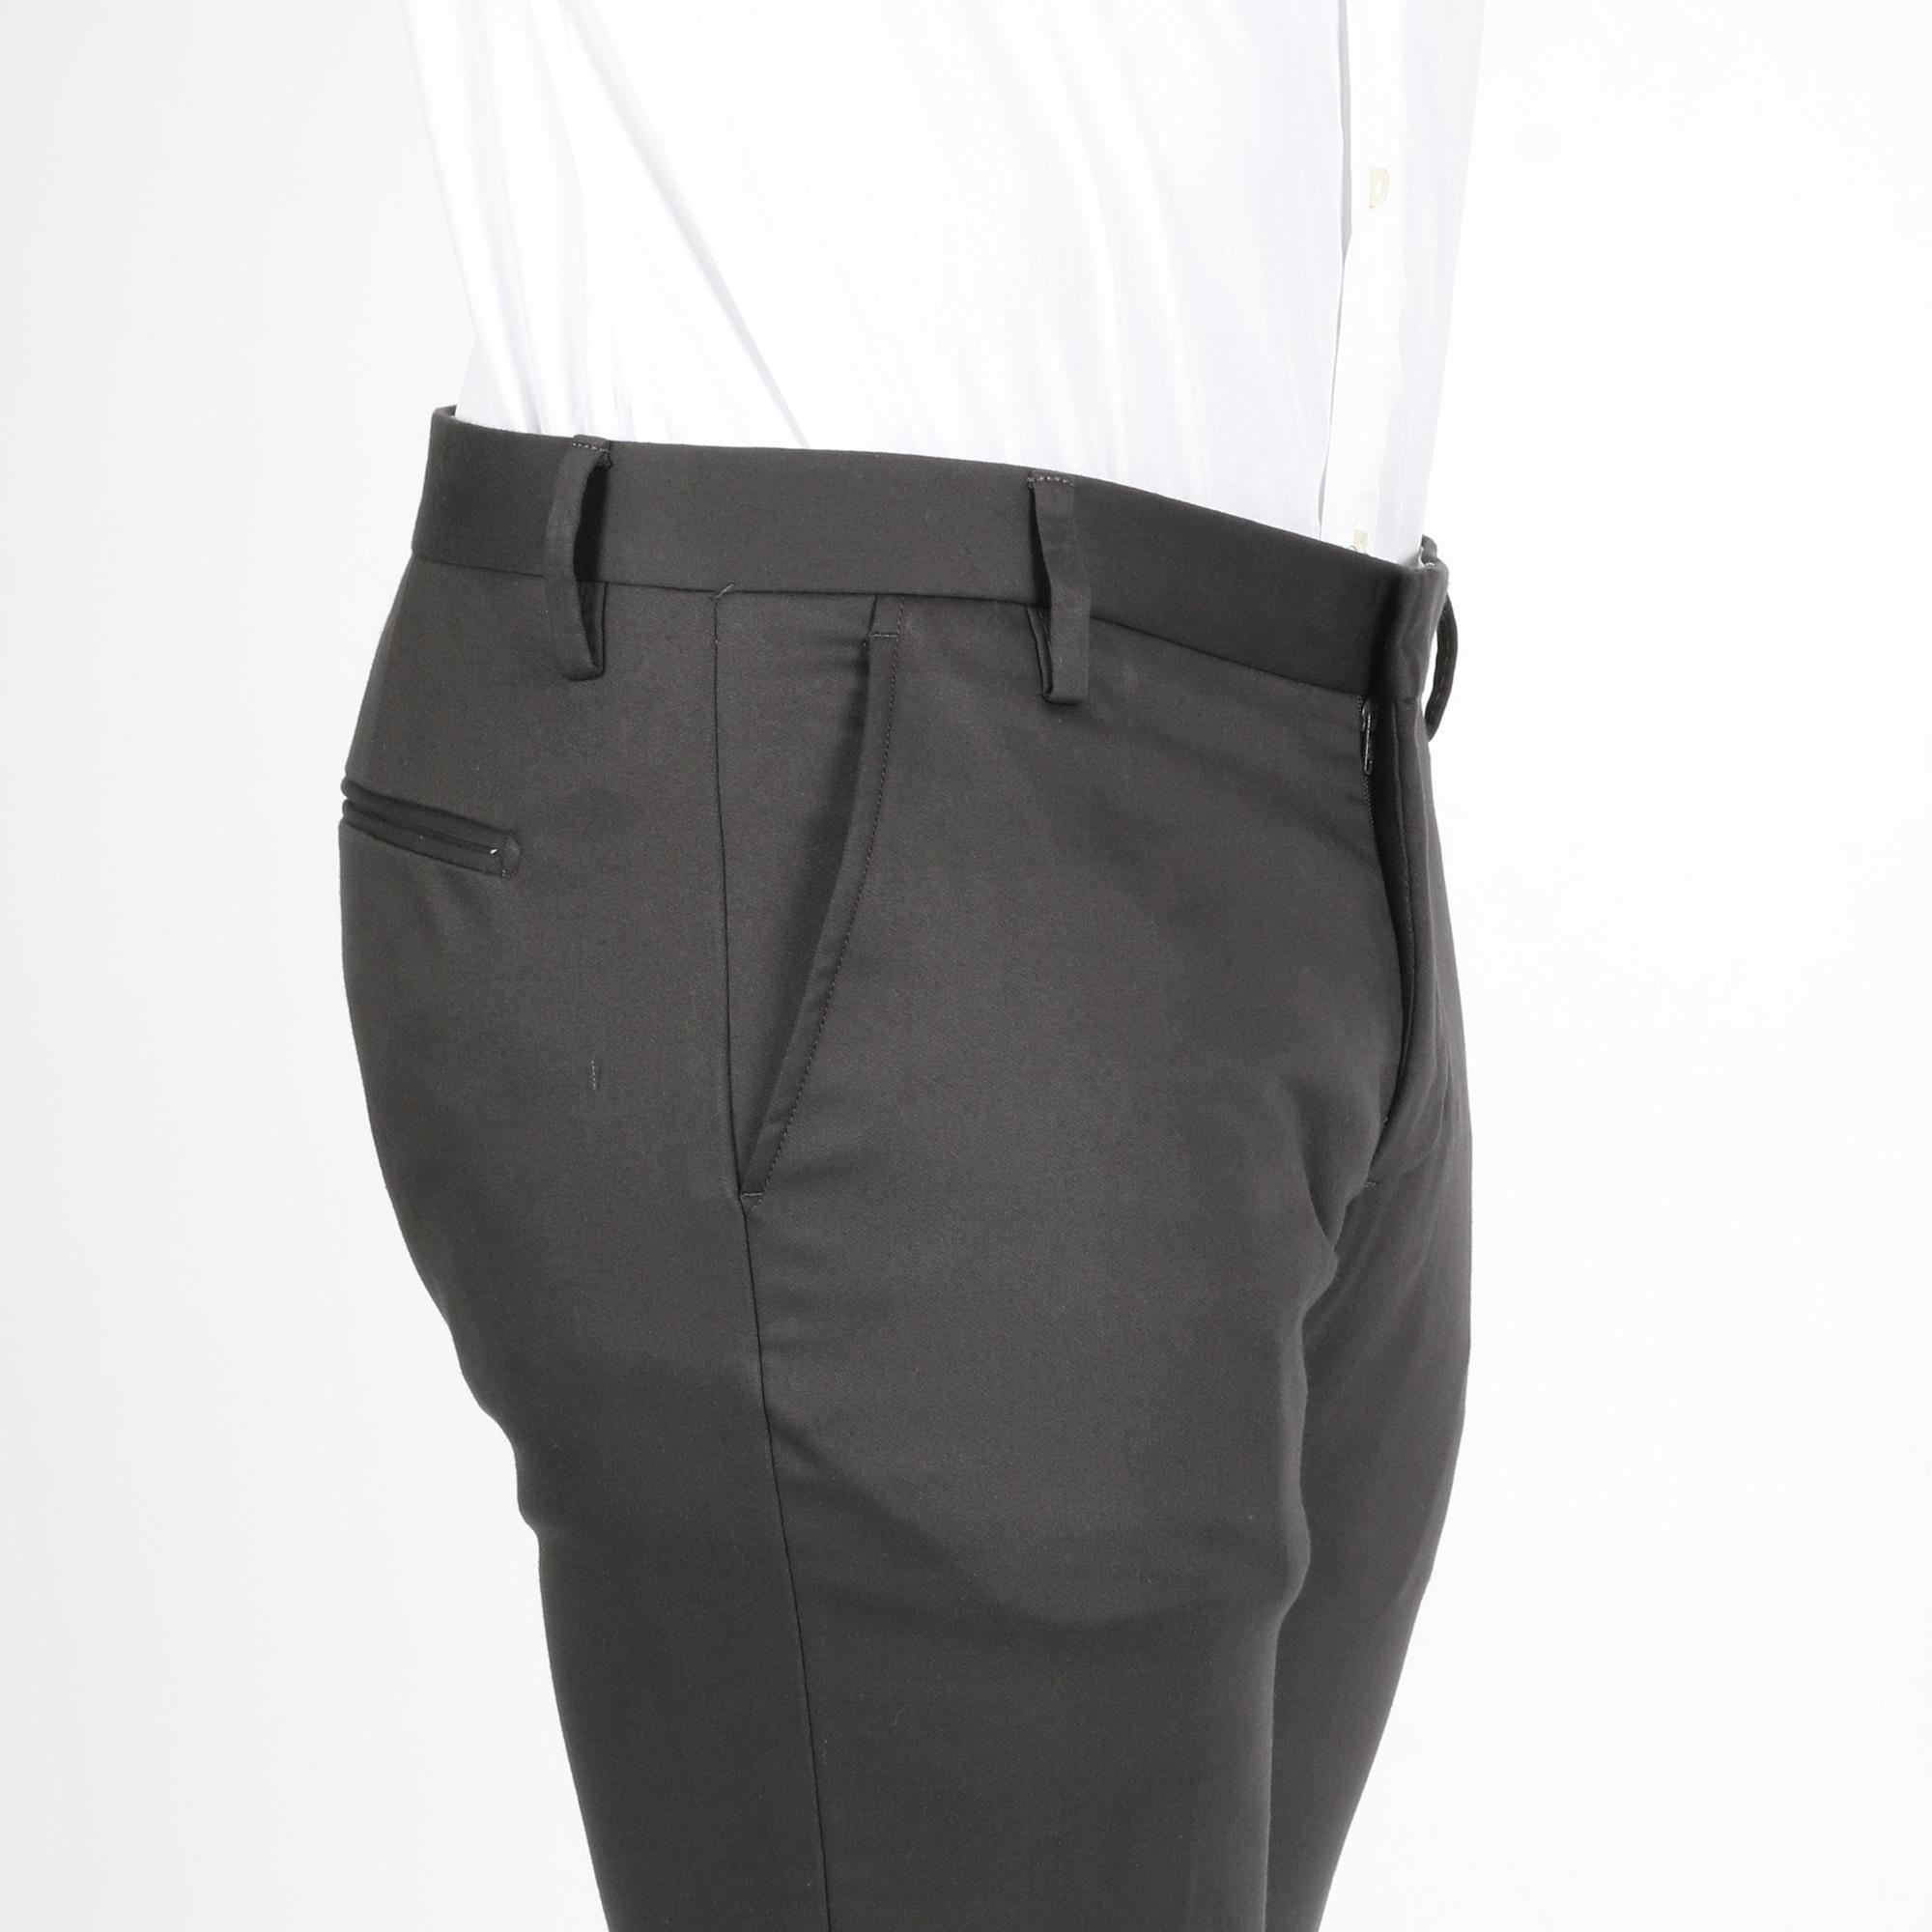 Pantalone america lungo - Grigio scuro